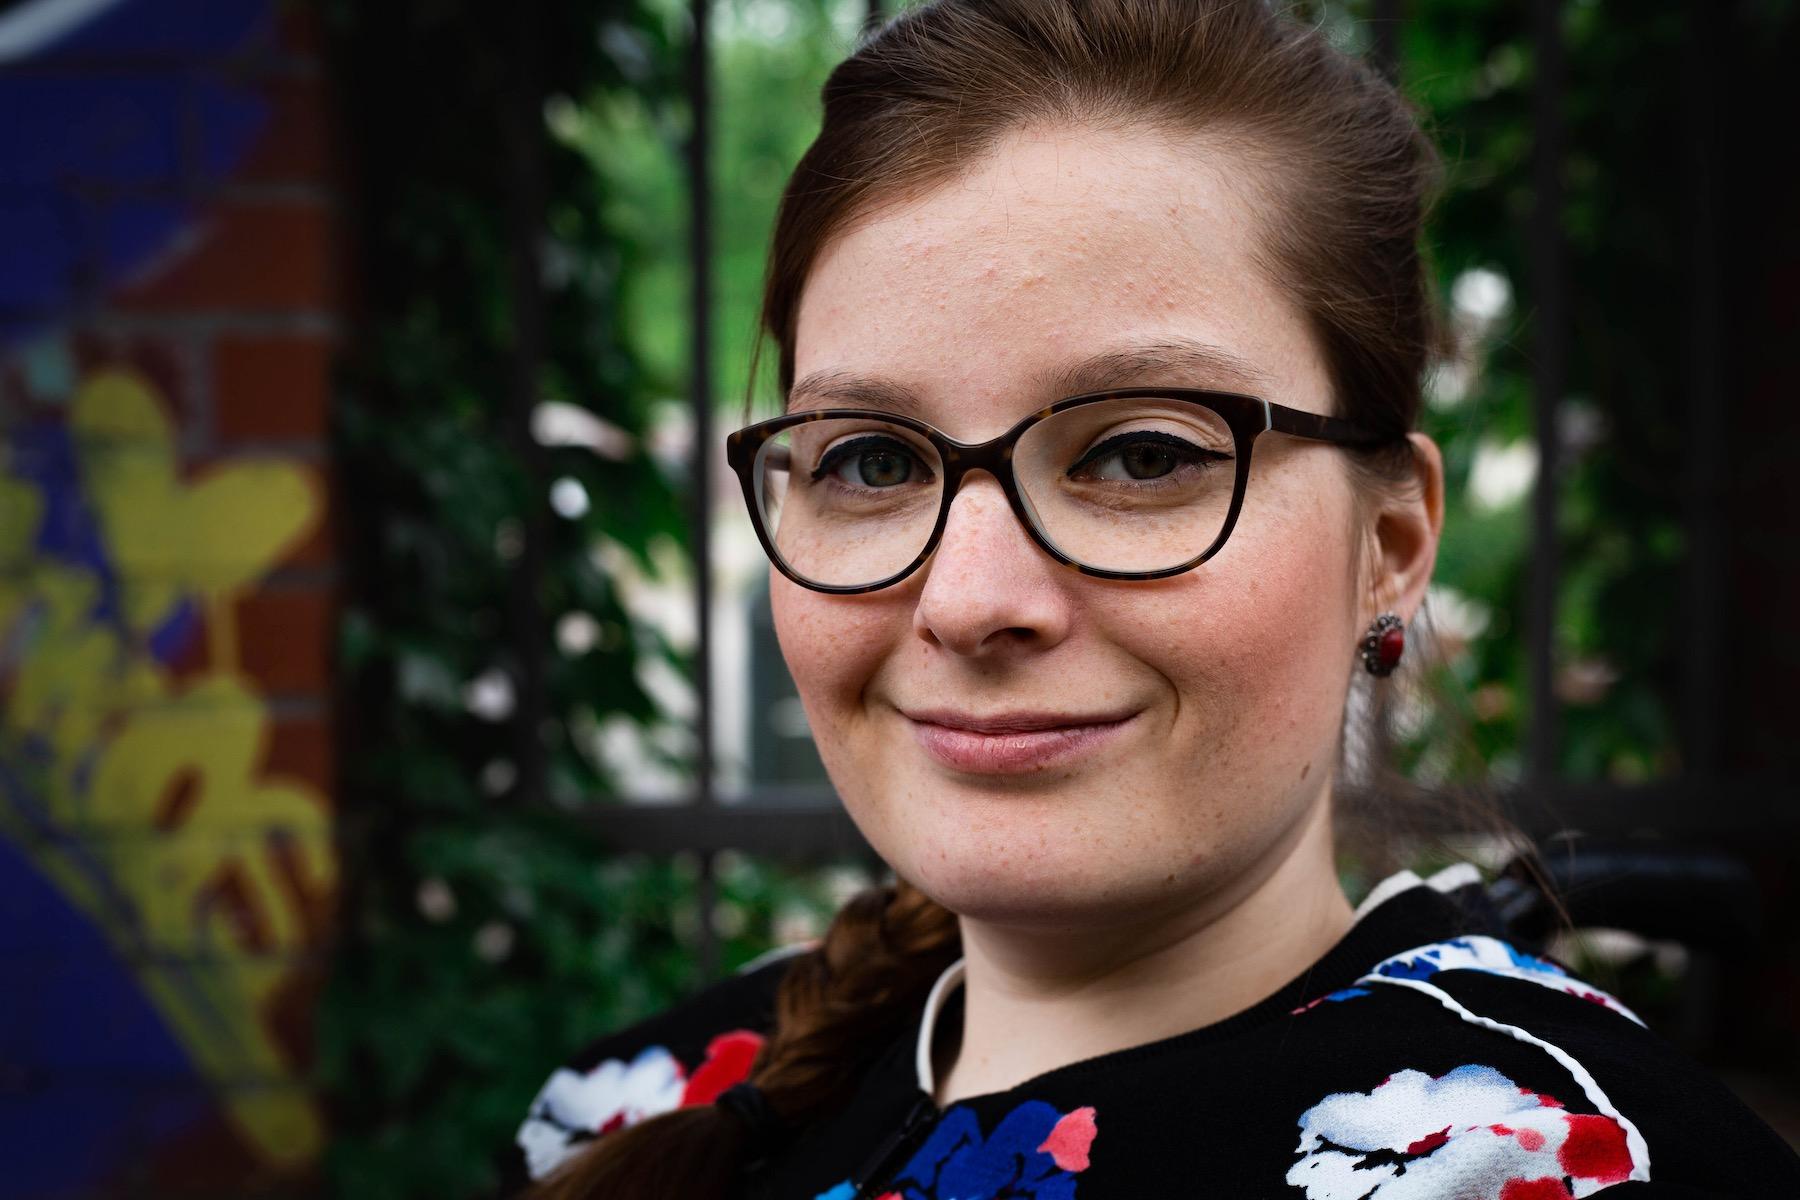 Judyta Smykowski, 30, wünscht sich mehr Solidarität und weniger Egoismus.